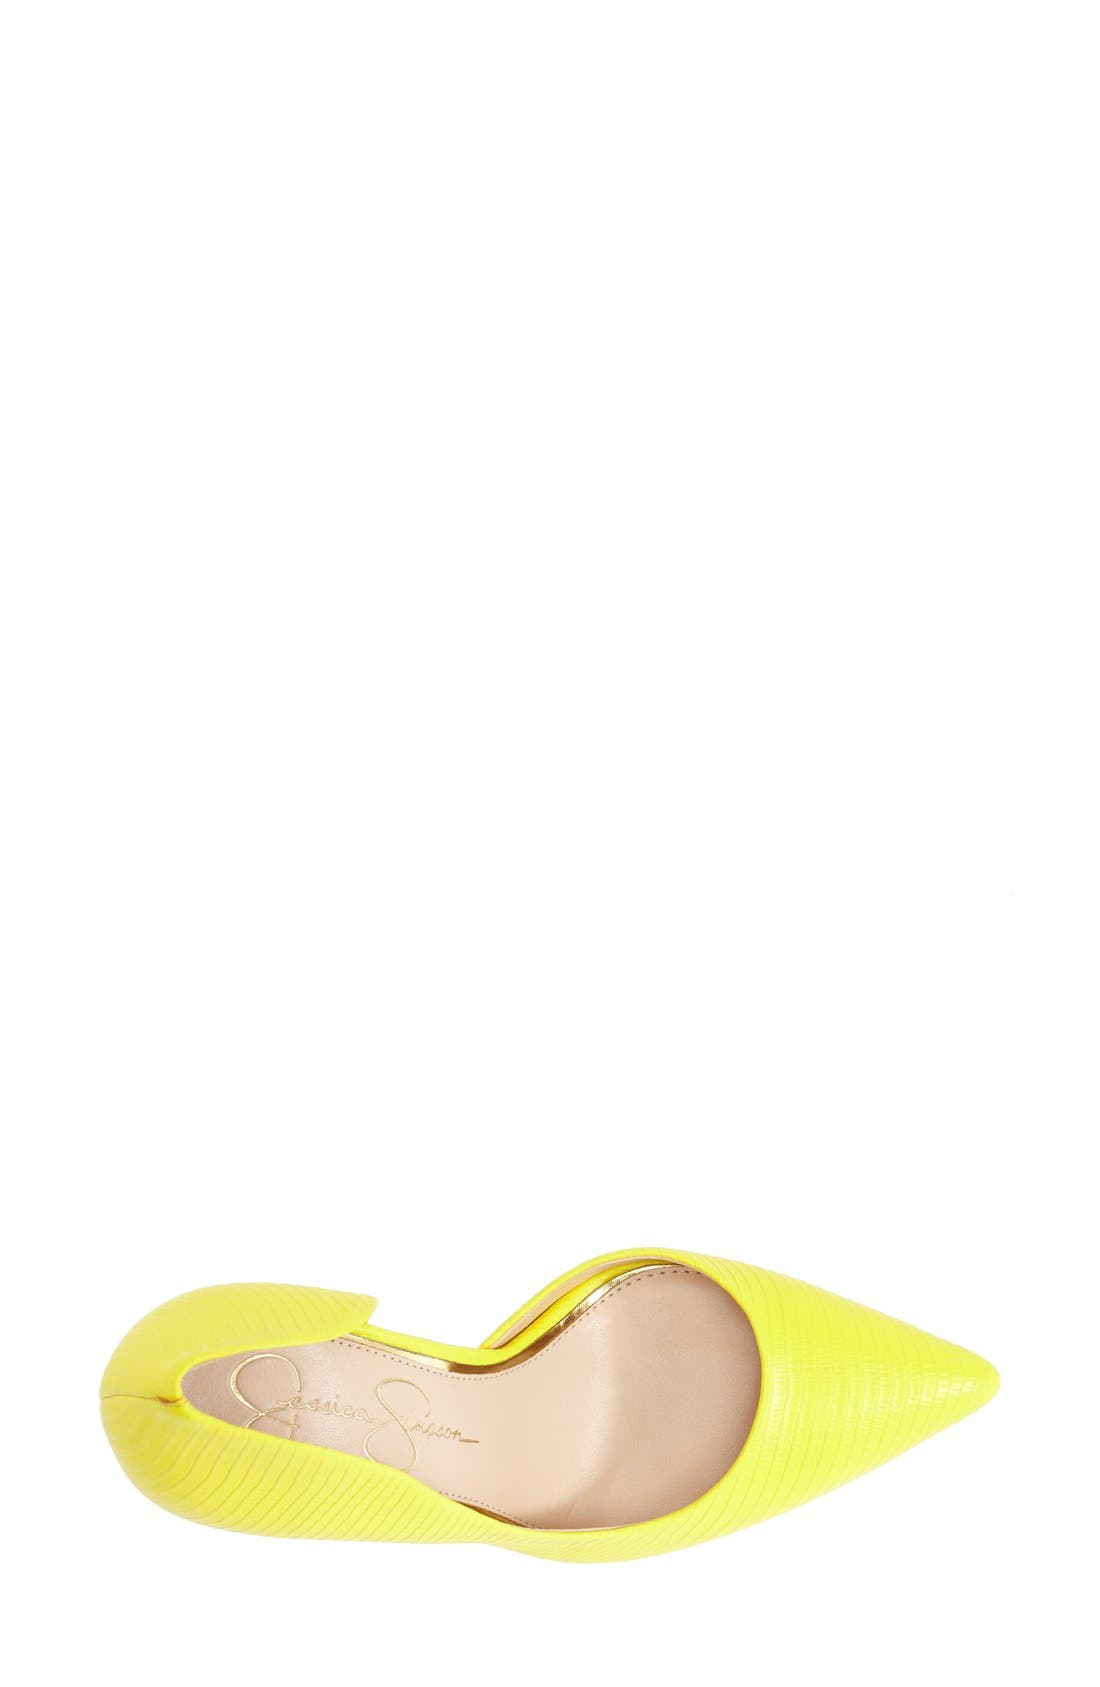 ,                             'Claudette' Half d'Orsay Pump,                             Alternate thumbnail 268, color,                             700